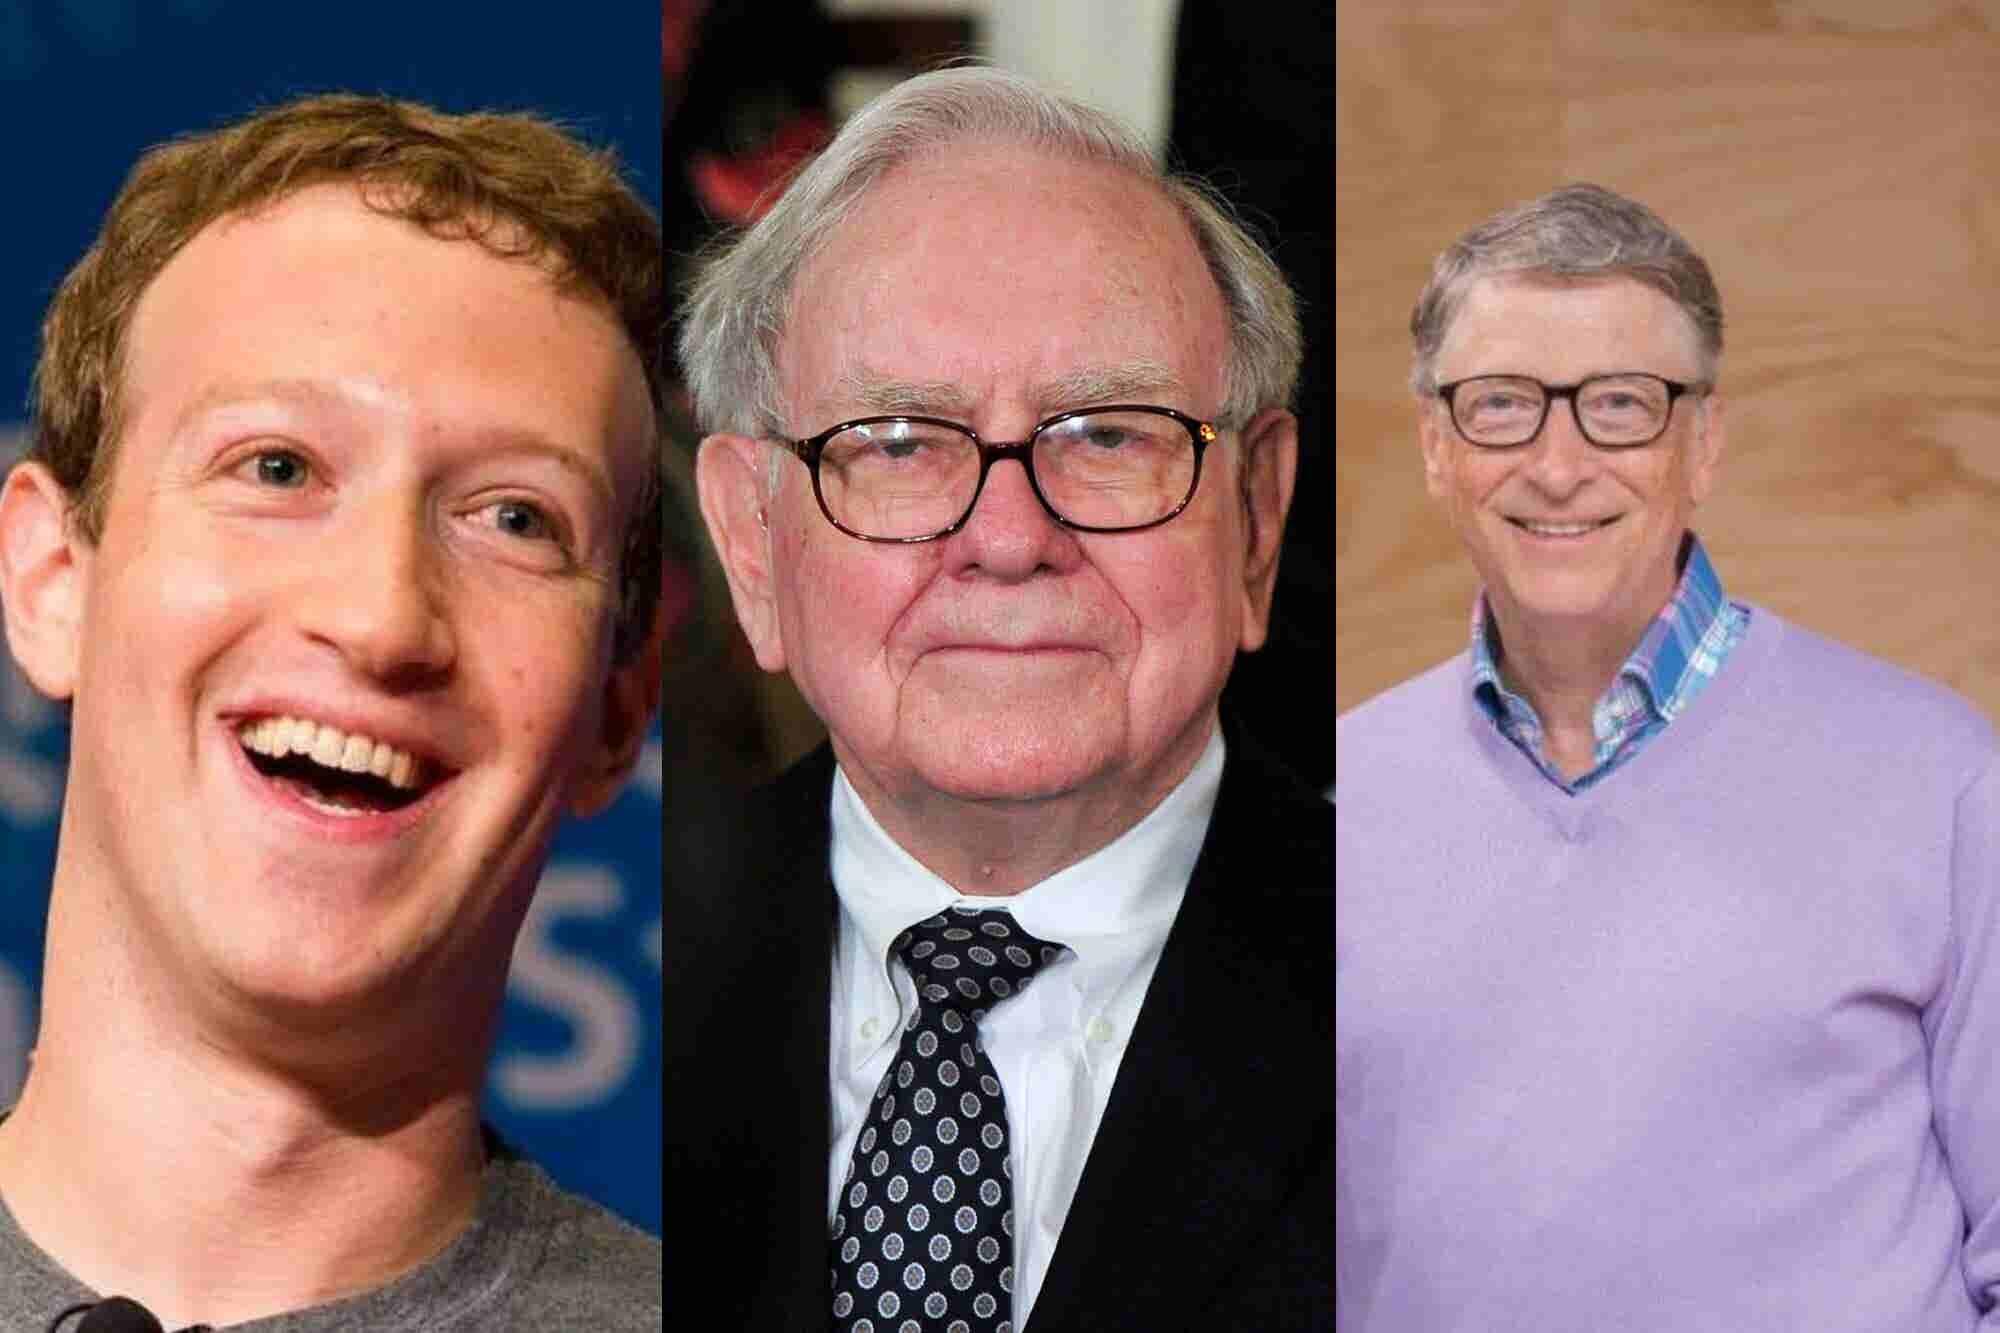 Tech Entrepreneurs Move Towards Philanthropy: 5 Most Charitable Busine...